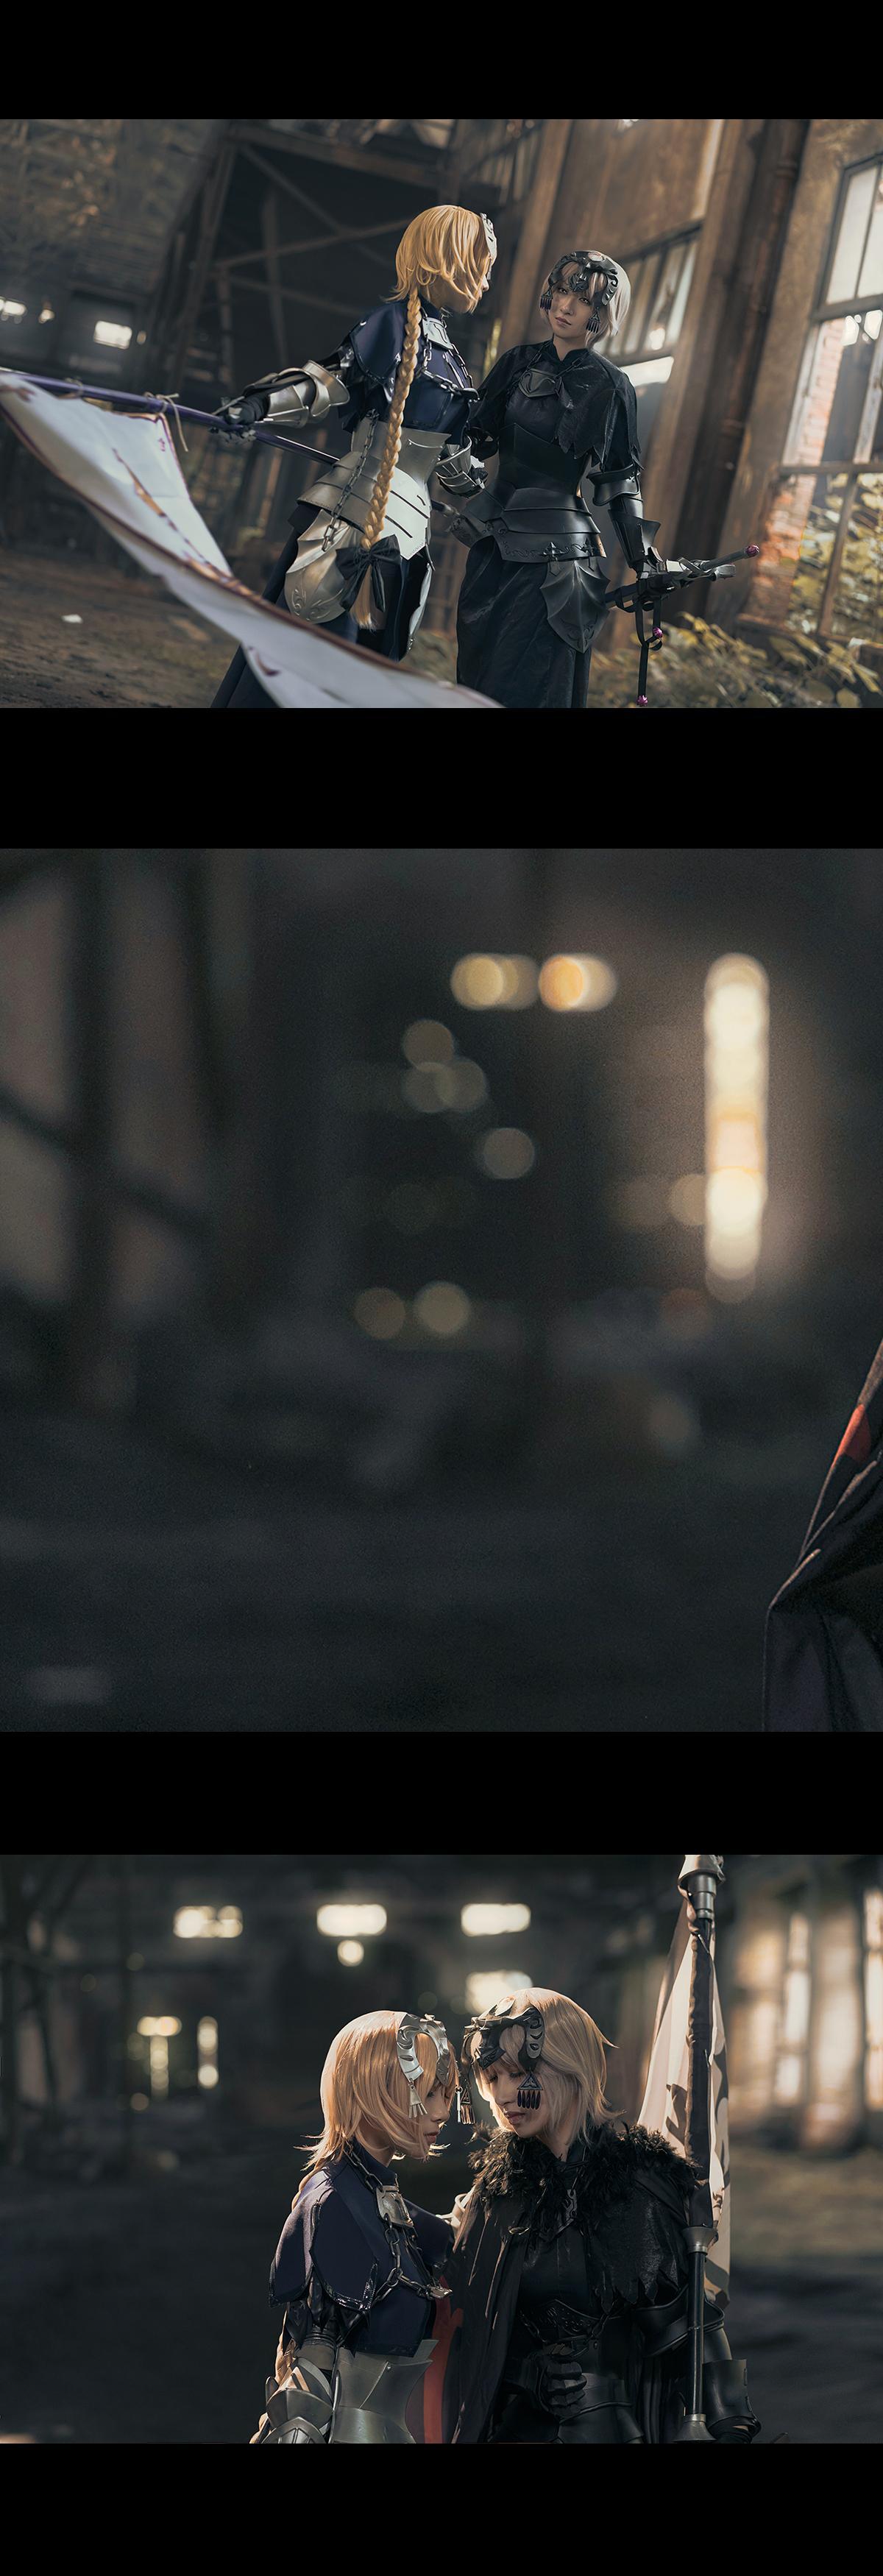 《FATE/GRAND ORDER》贞德cosplay【CN:千里看着你的脑洞说】-第7张